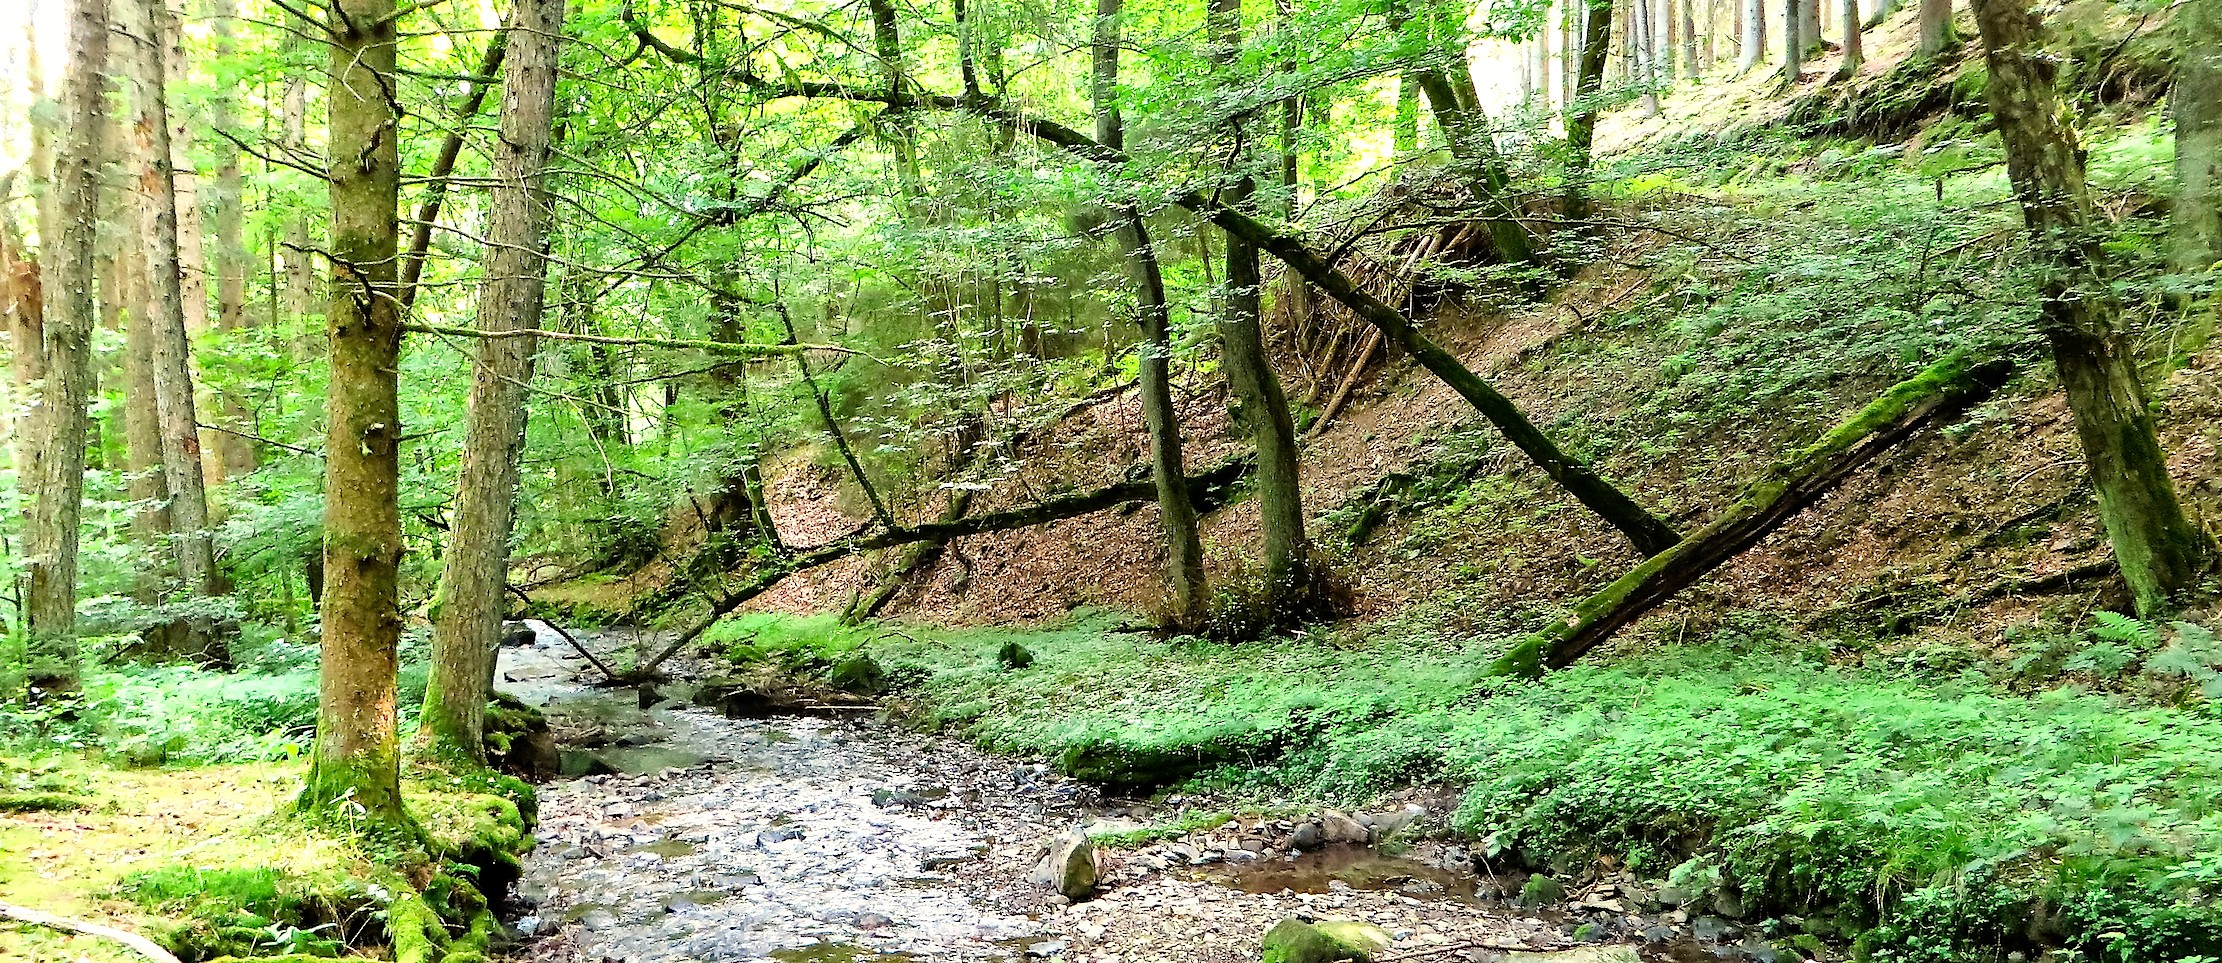 В долине горного ручья Эпшейдер Бах.